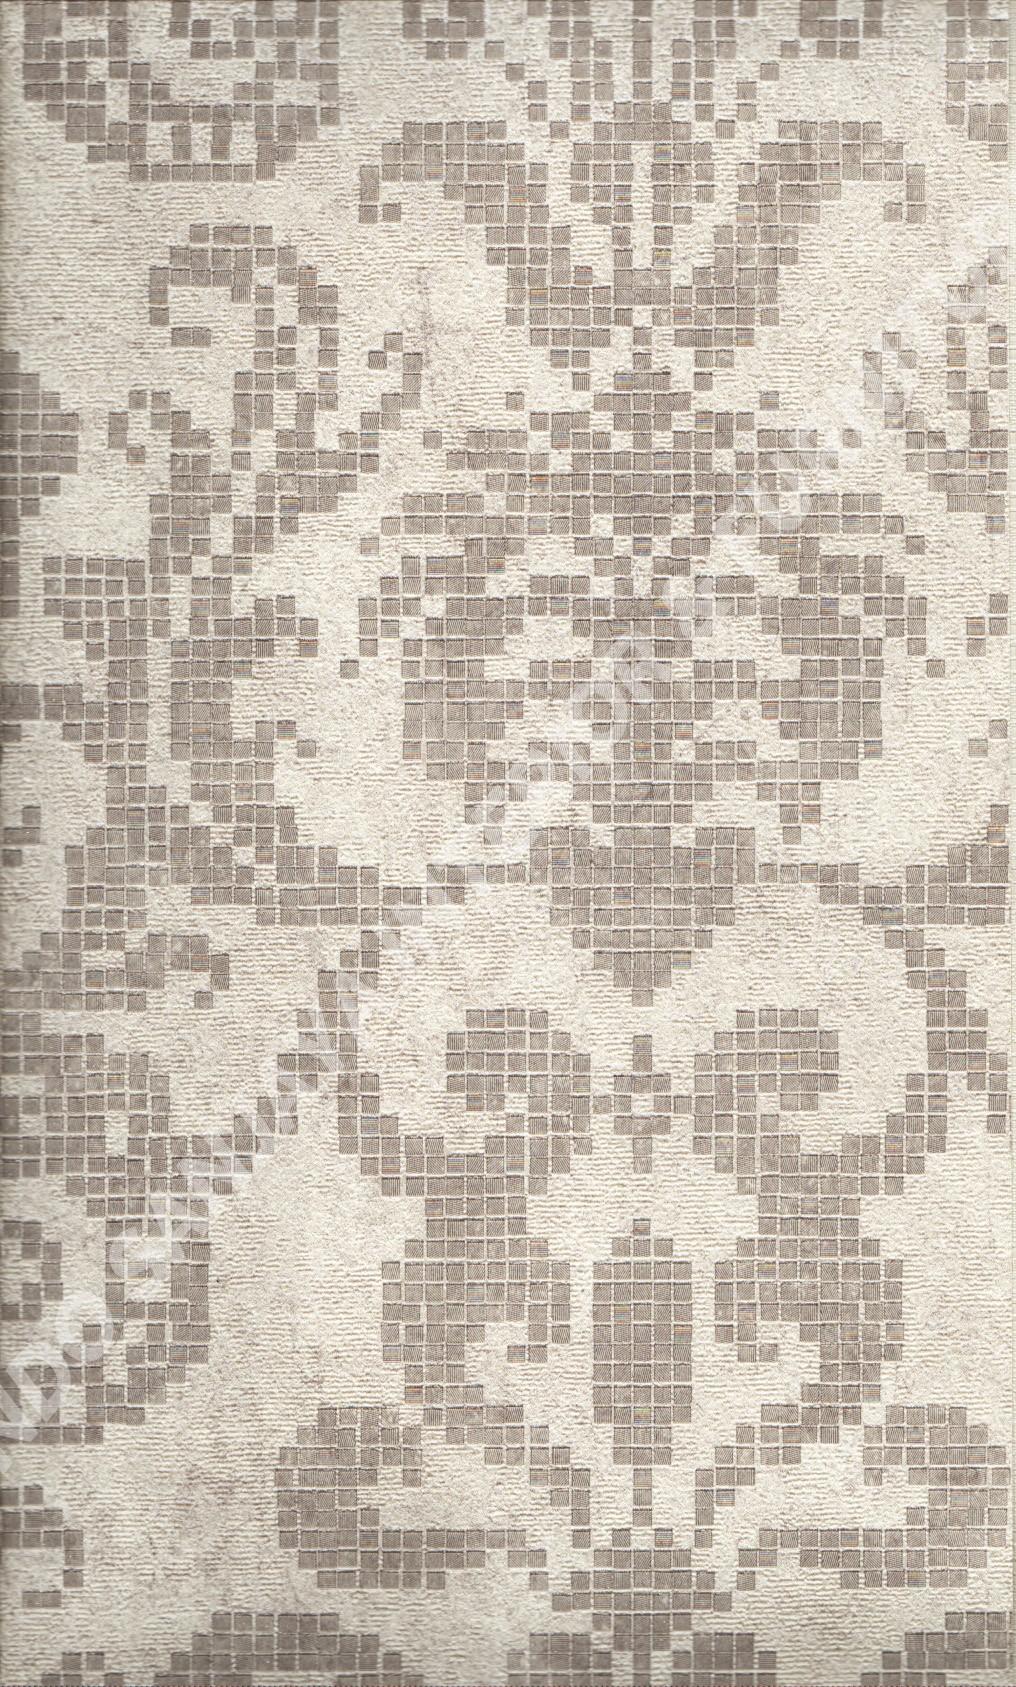 wallpaper MOKO:3025 corak Bunga ,Klasik / Batik (Damask) warna Cream ,Coklat